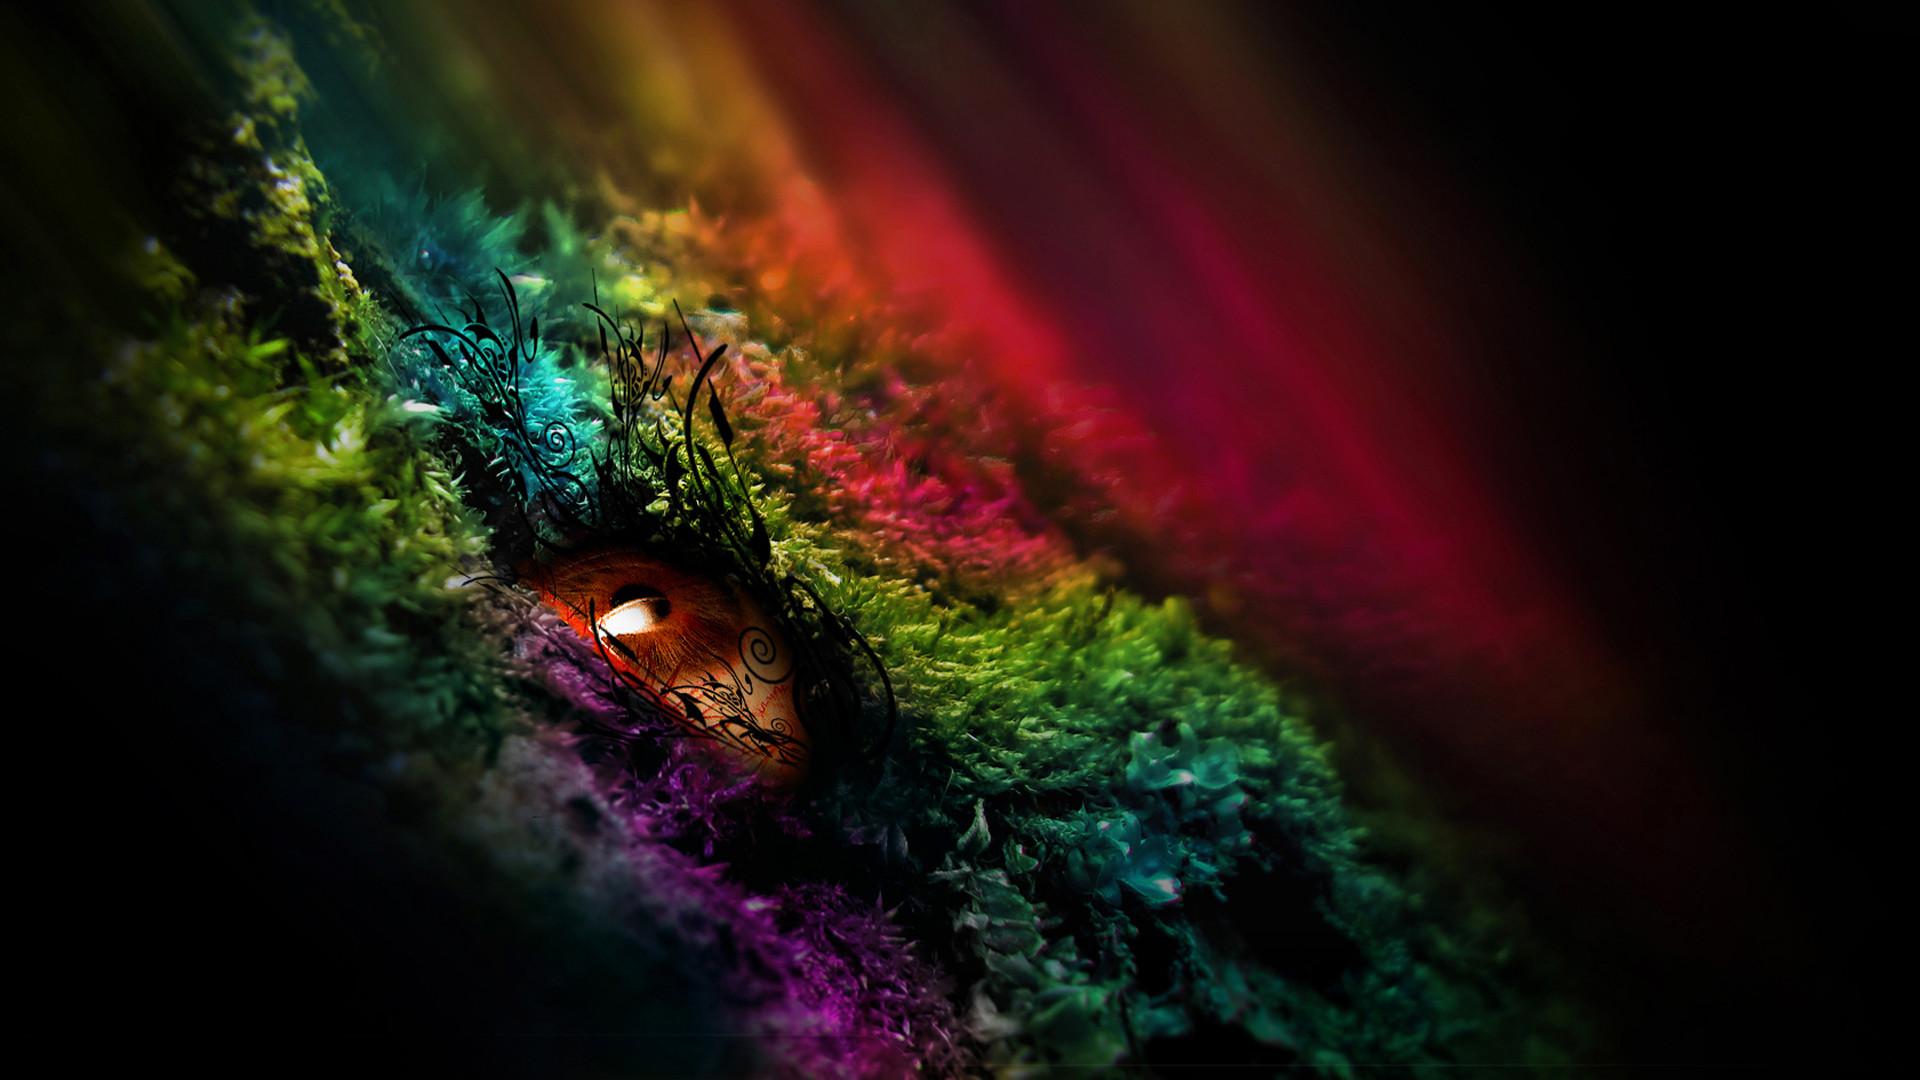 color hd wallpaper ·①